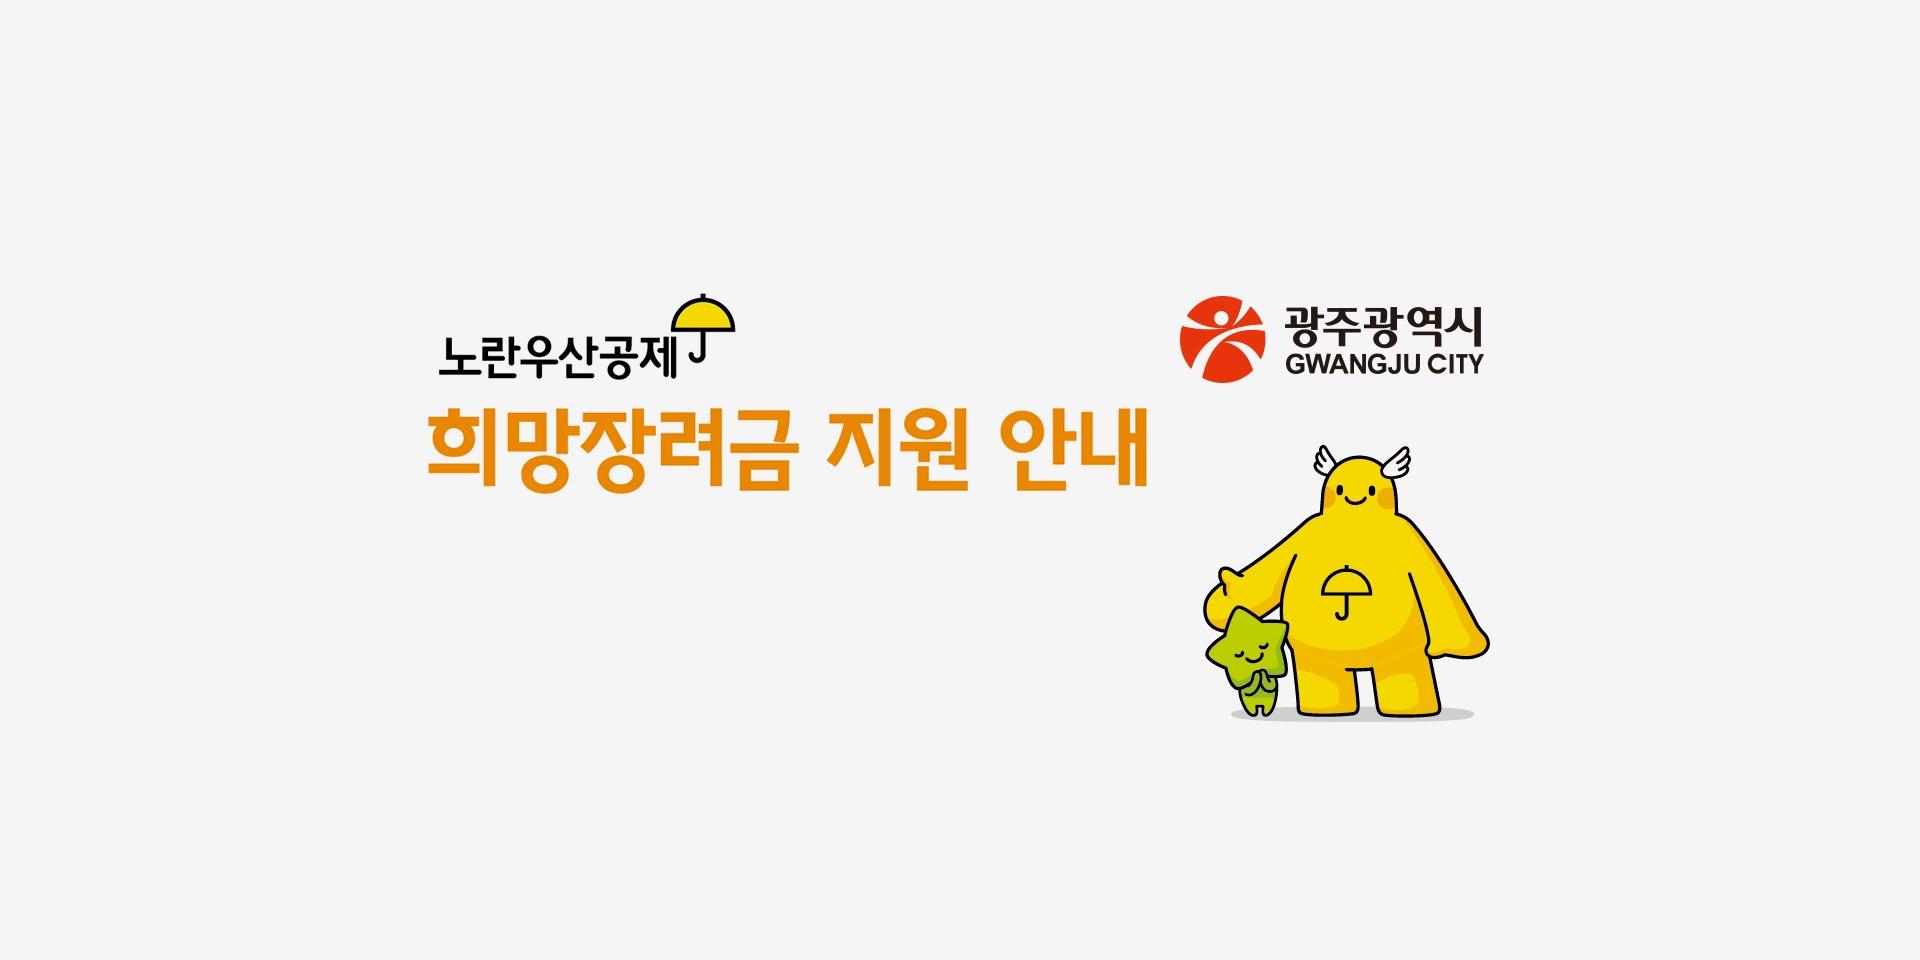 광주광역시 노란우산공제 희망장려금 지원사업 안내